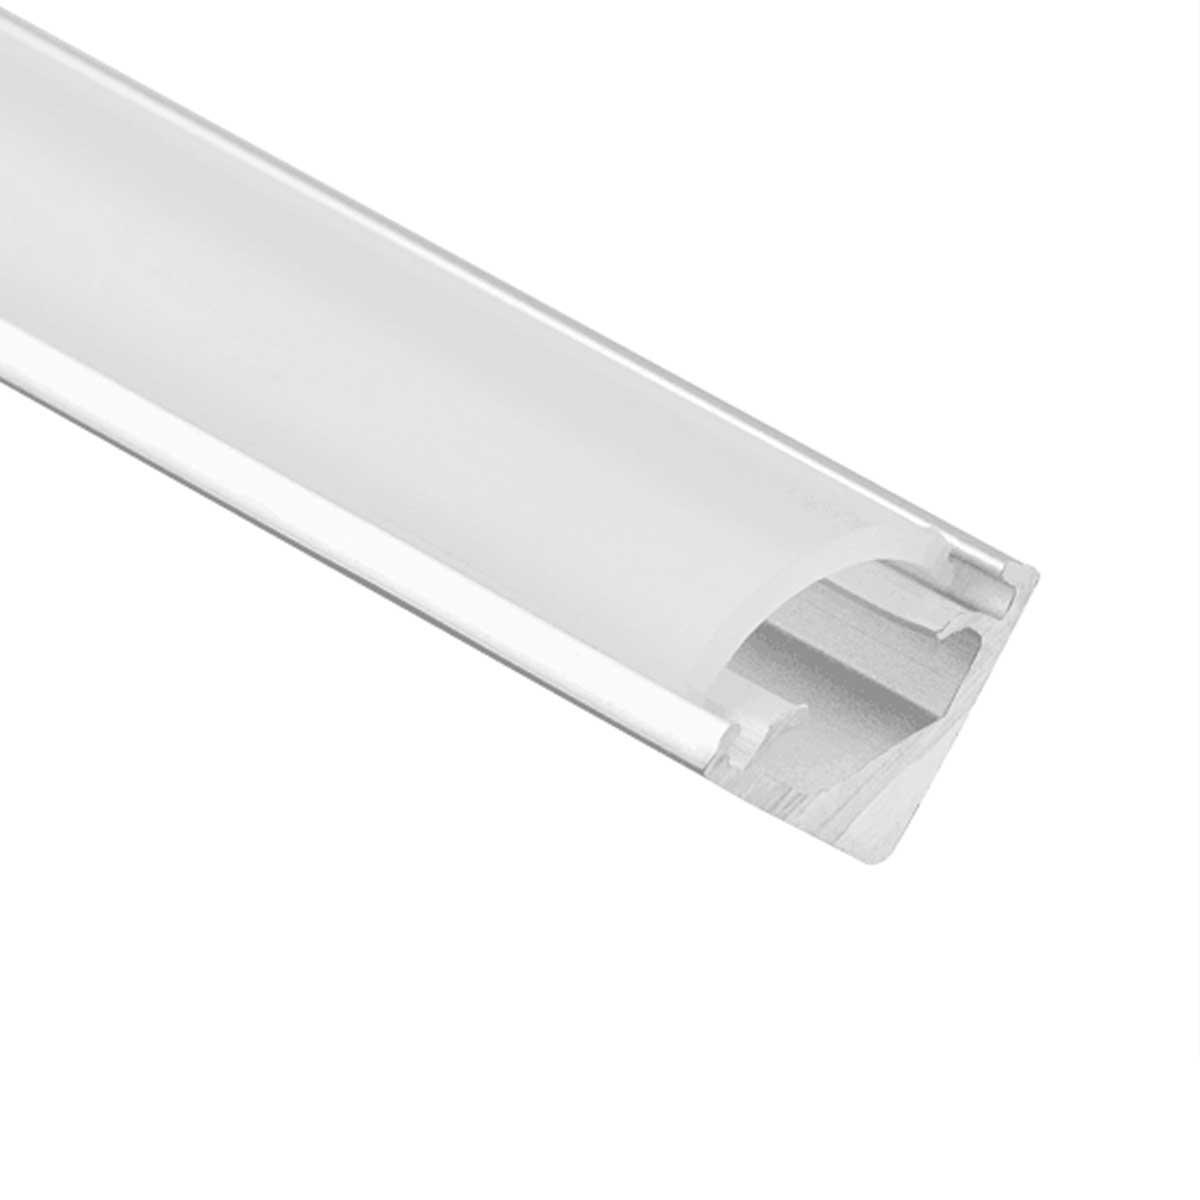 LED Eck-Profil eloxiert 8 x 8mm opal 200cm